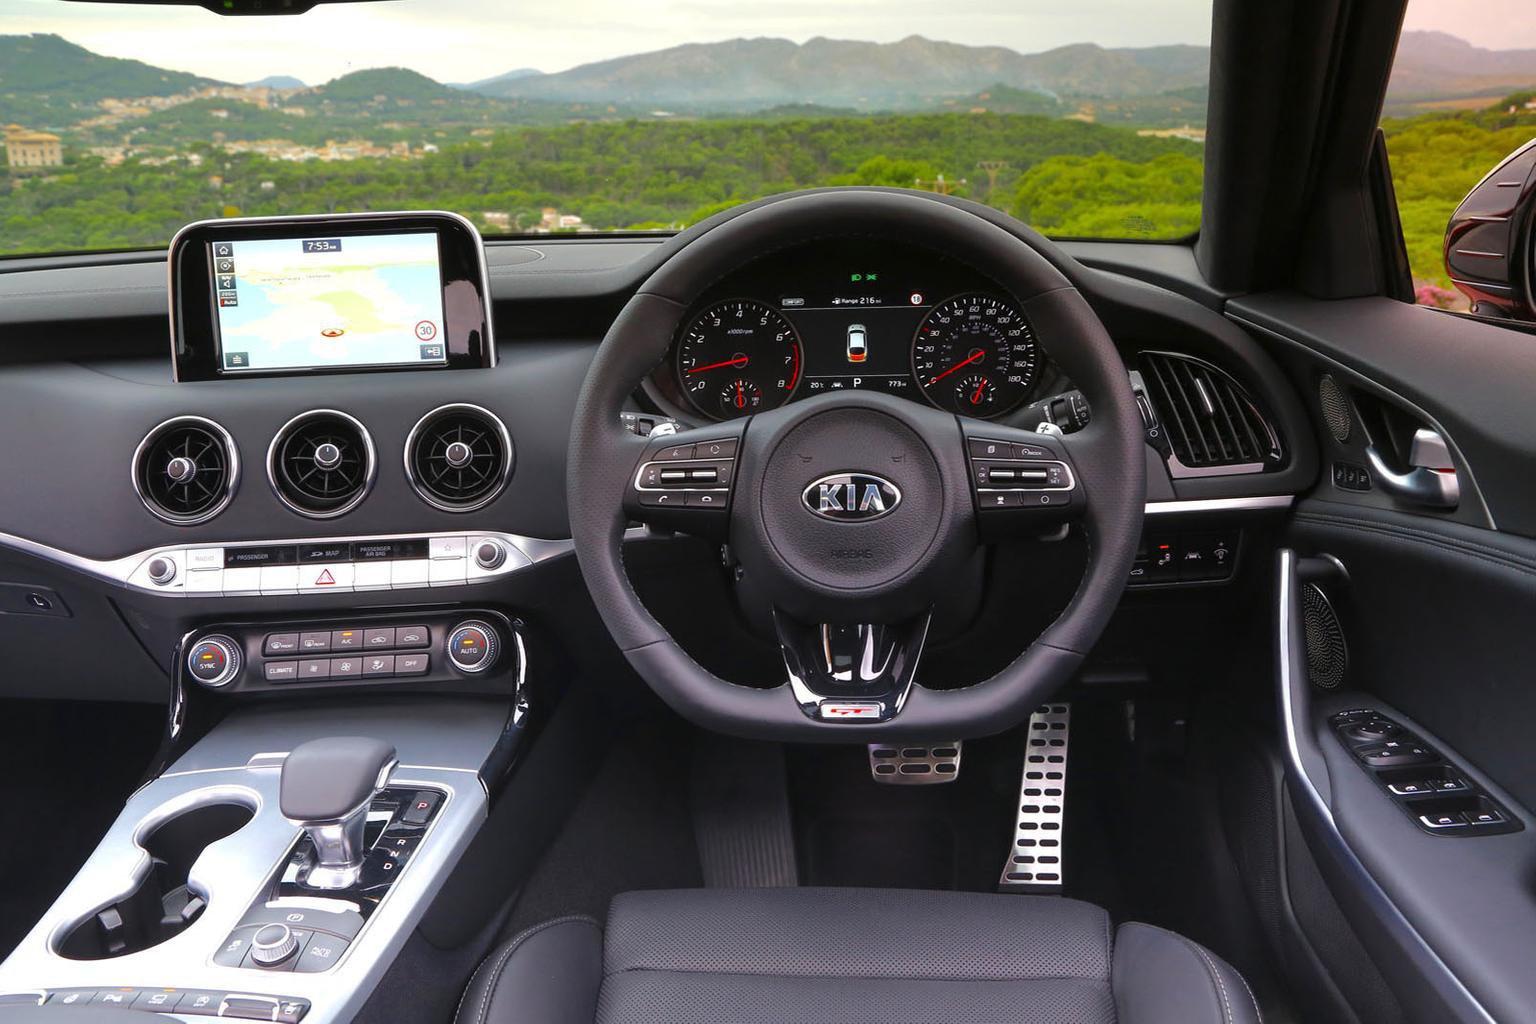 2018 Kia Stinger 2.0 T-GDI GT-Line - interior